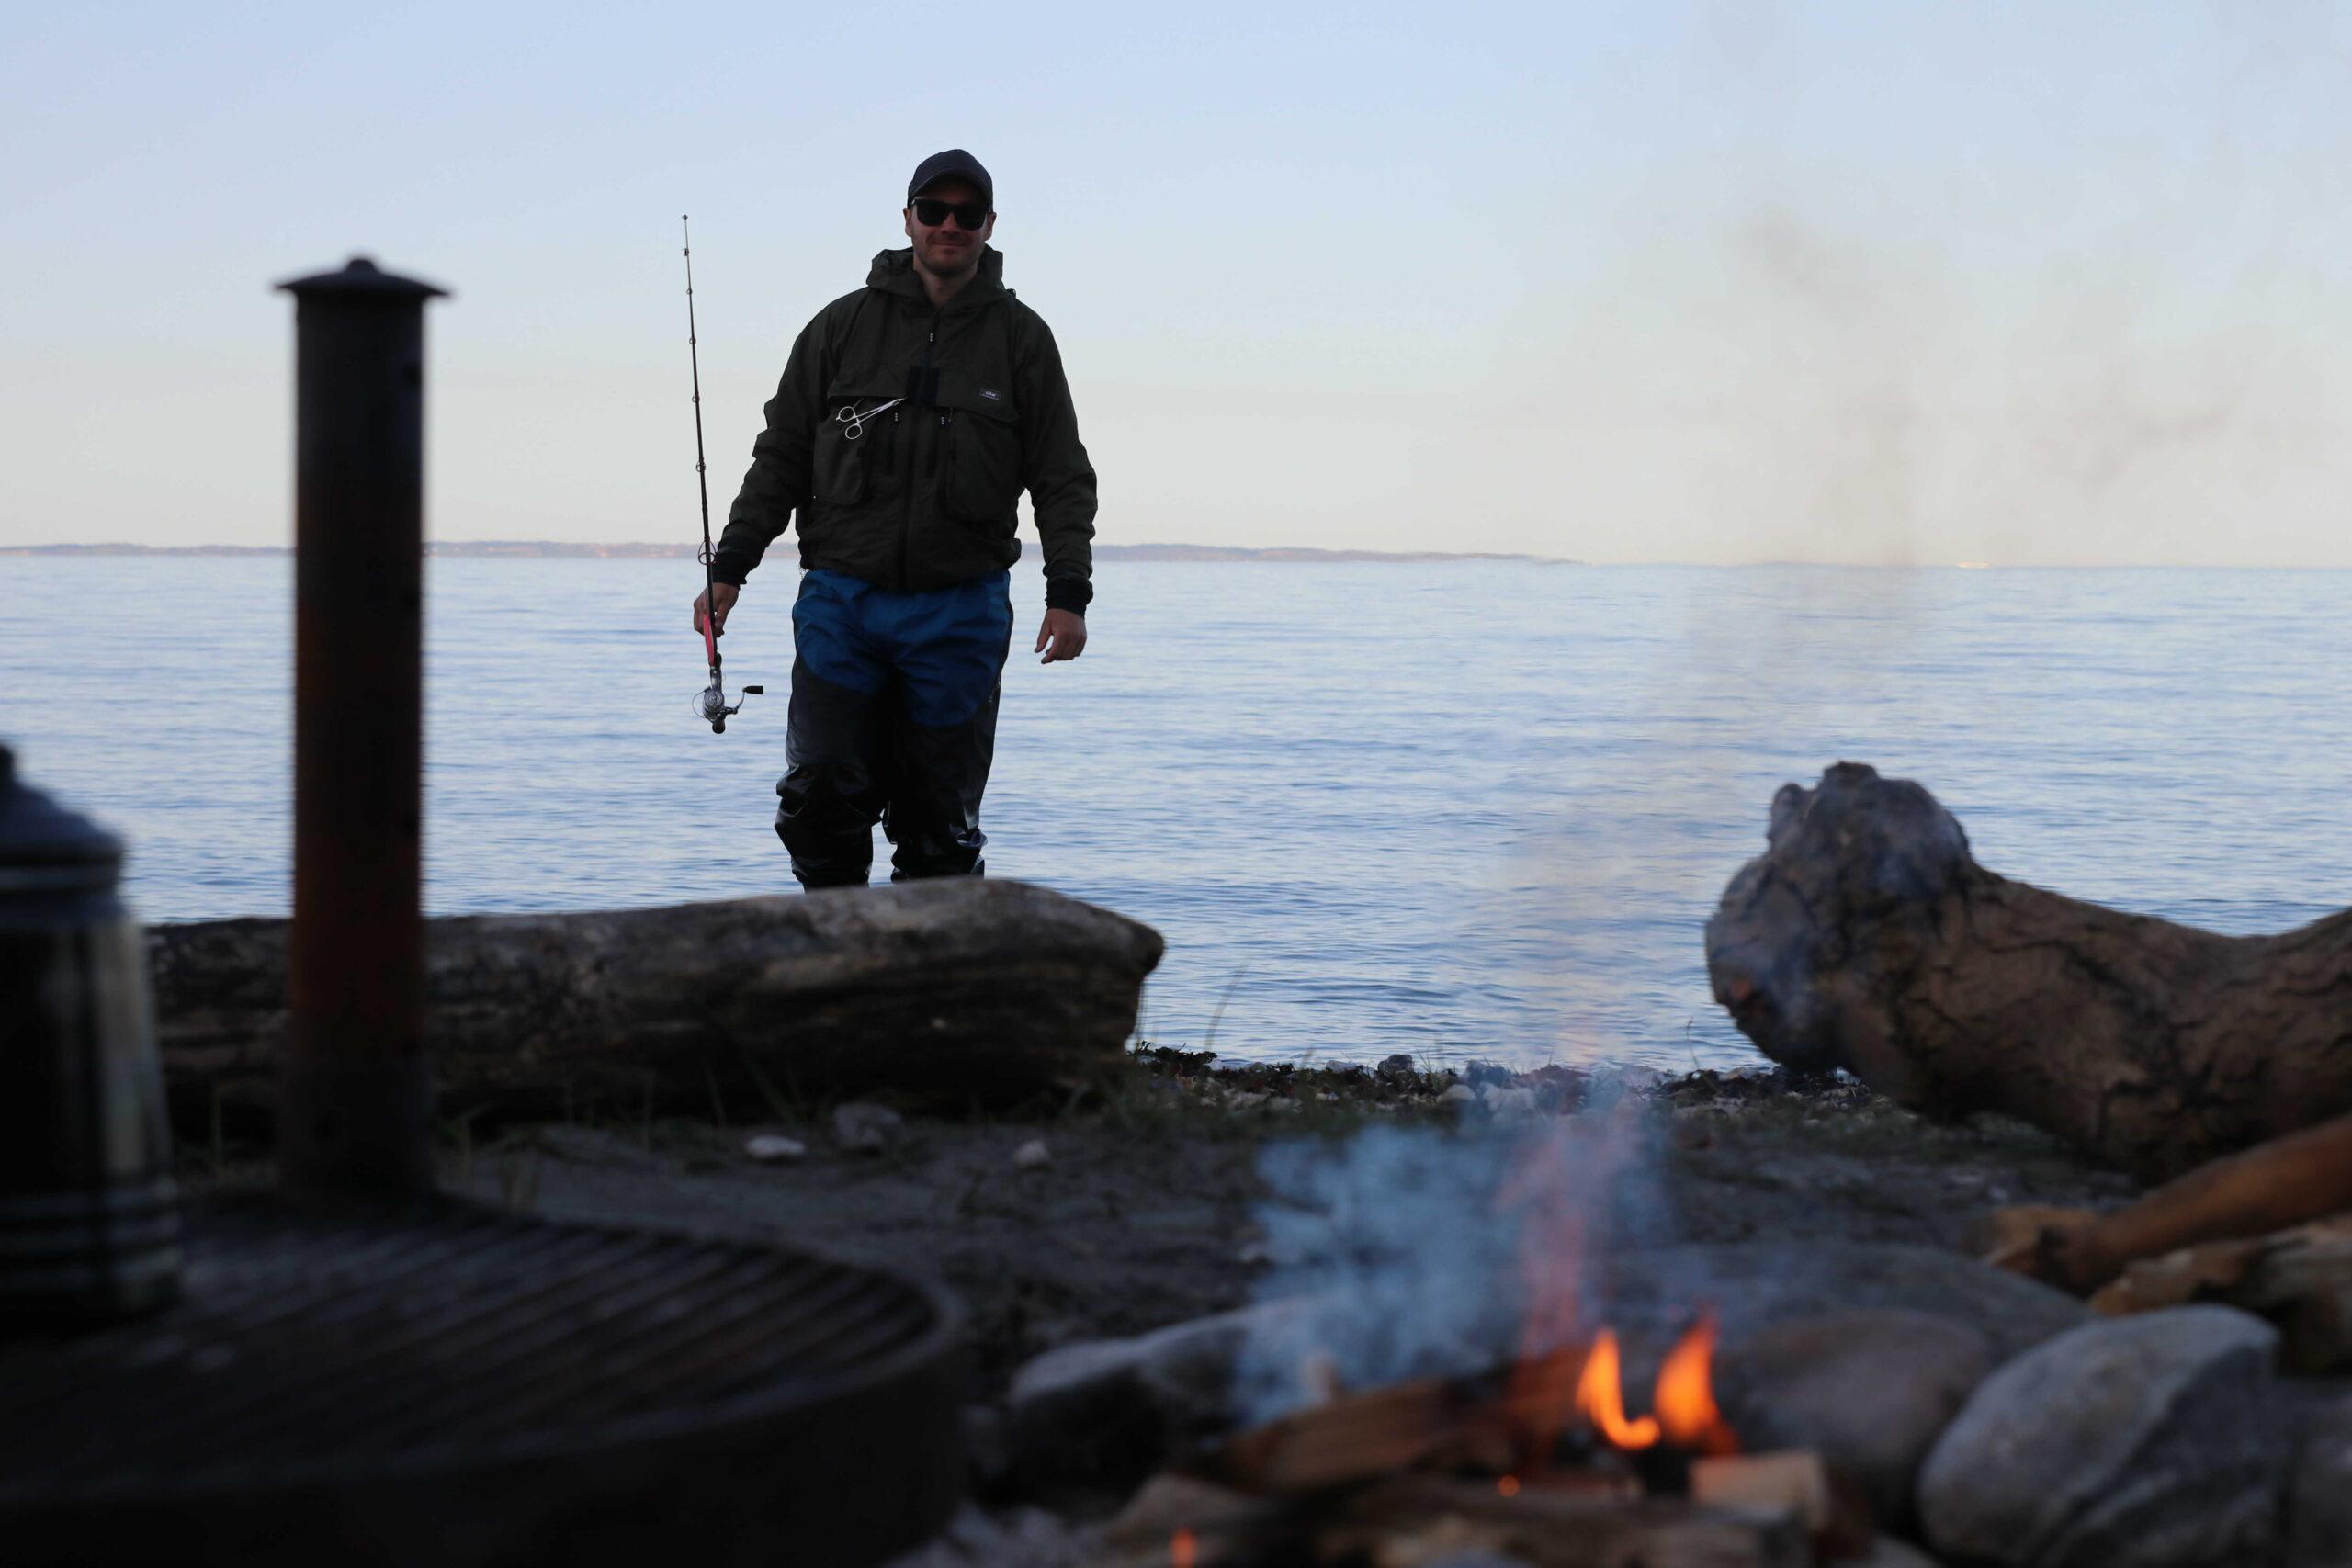 Fiskeri som stressterapi